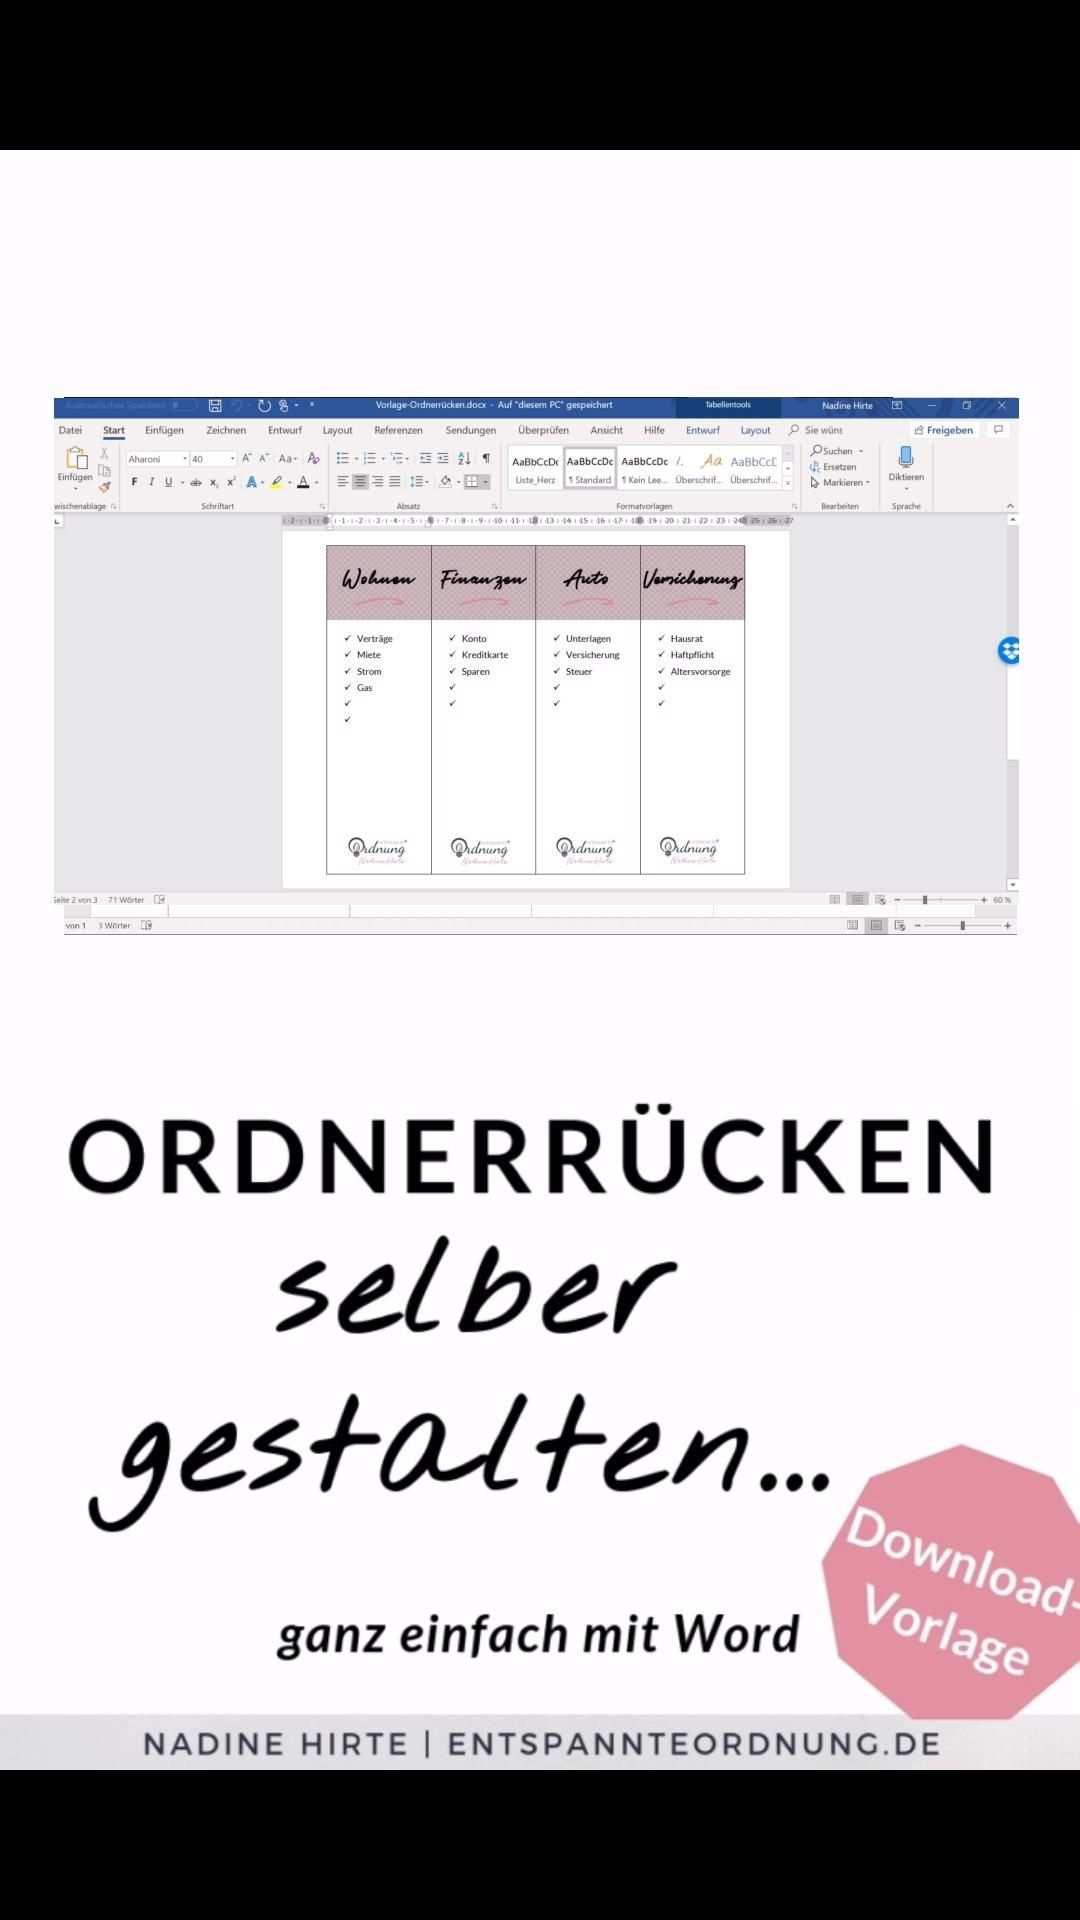 Ordnerrucken Vorlage Zum Selber Gestalten Mit Ms Word In Word Gestalten Ausdrucken Ganz Einfach In Wenigen Sekun In 2020 Words Folder Labels Business Plan Template